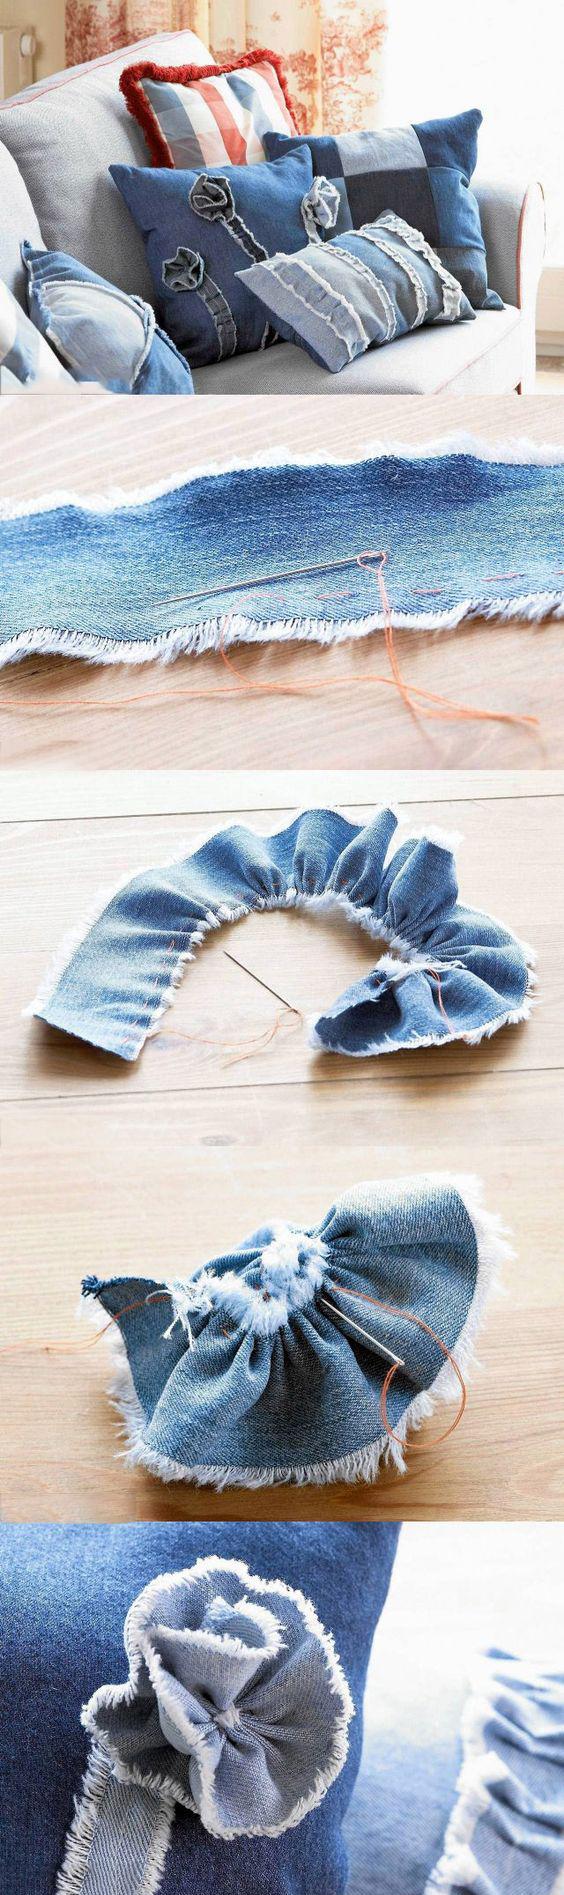 цветы своими руками из джинсовой ткани